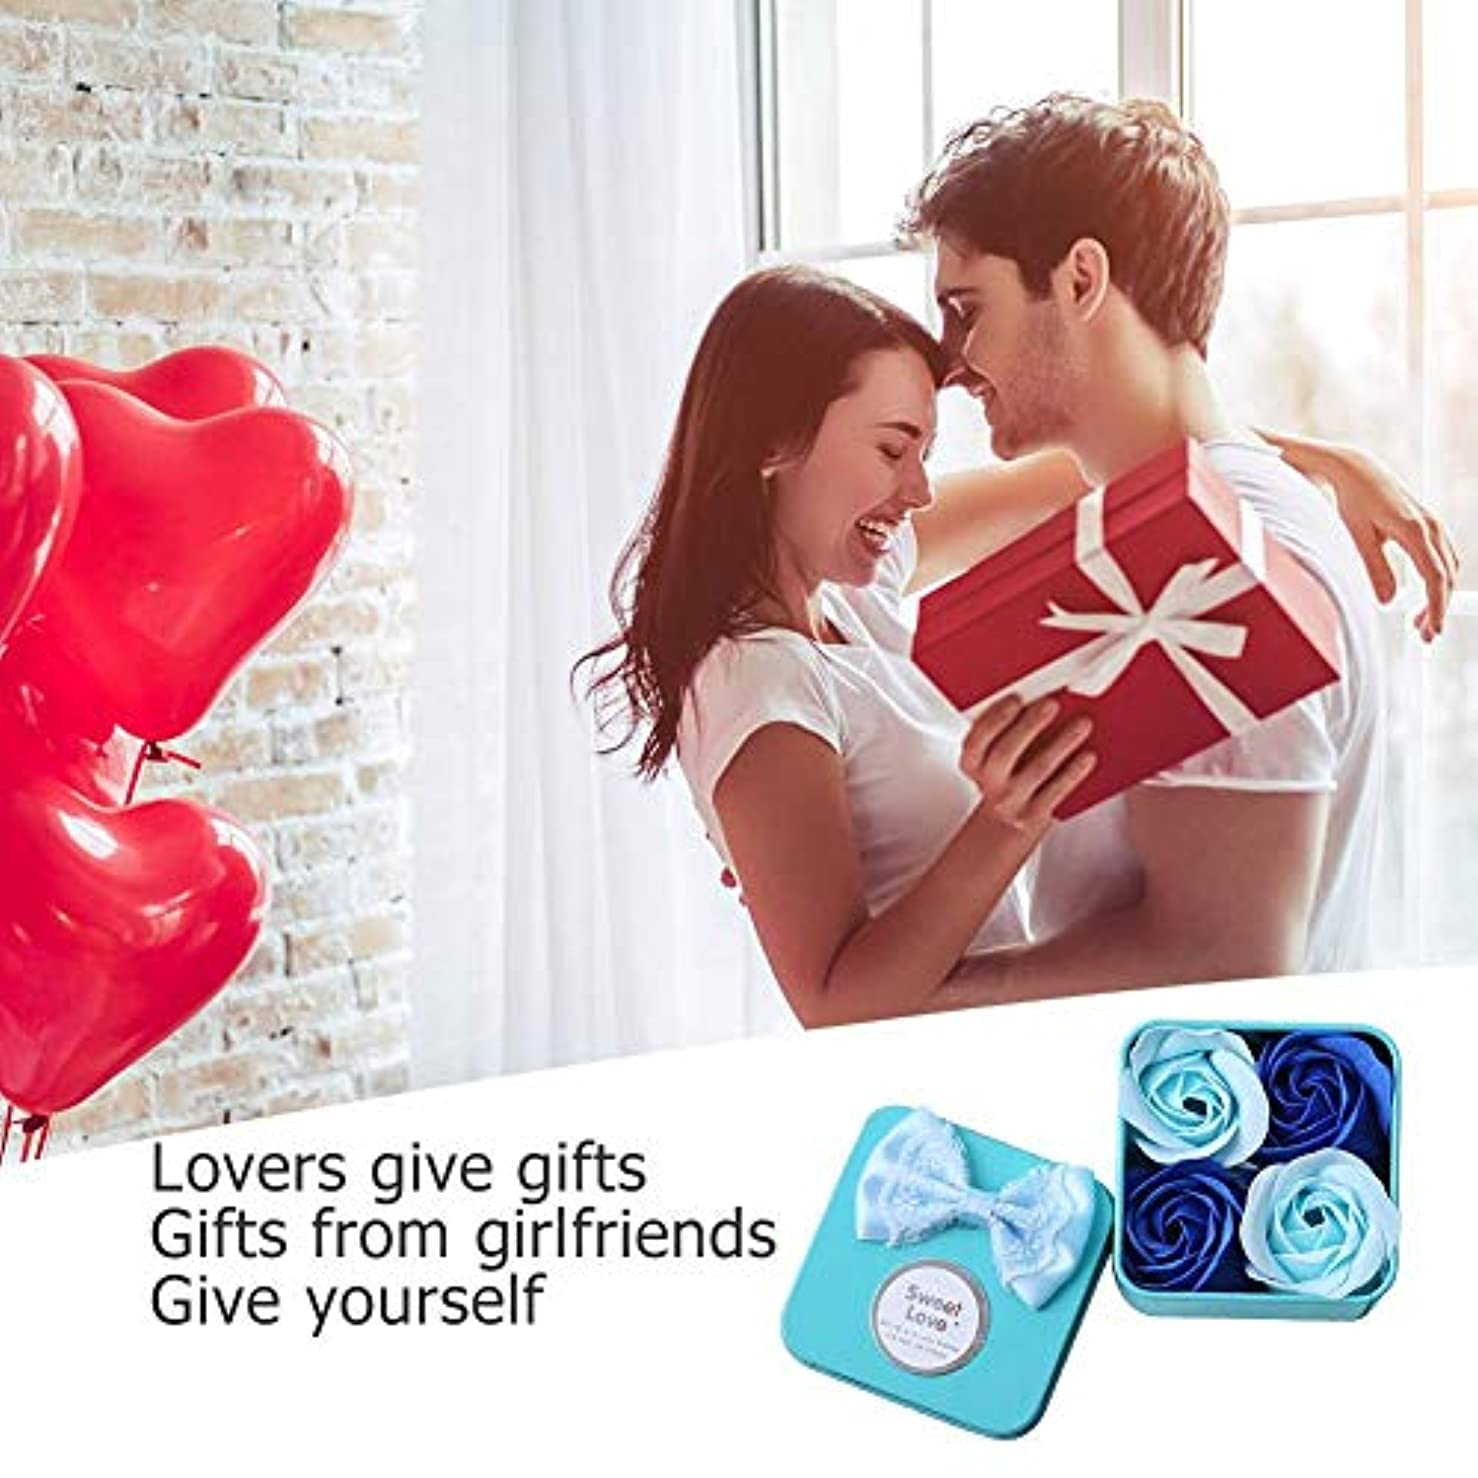 ローズフラワー石鹸 香料入り 風呂 花びら石鹸 香り石鹸 バレンタインデーギフト 4個/ボックス 手作り 母の日 誕生日プレゼント 贈り物 お祝い Amiu